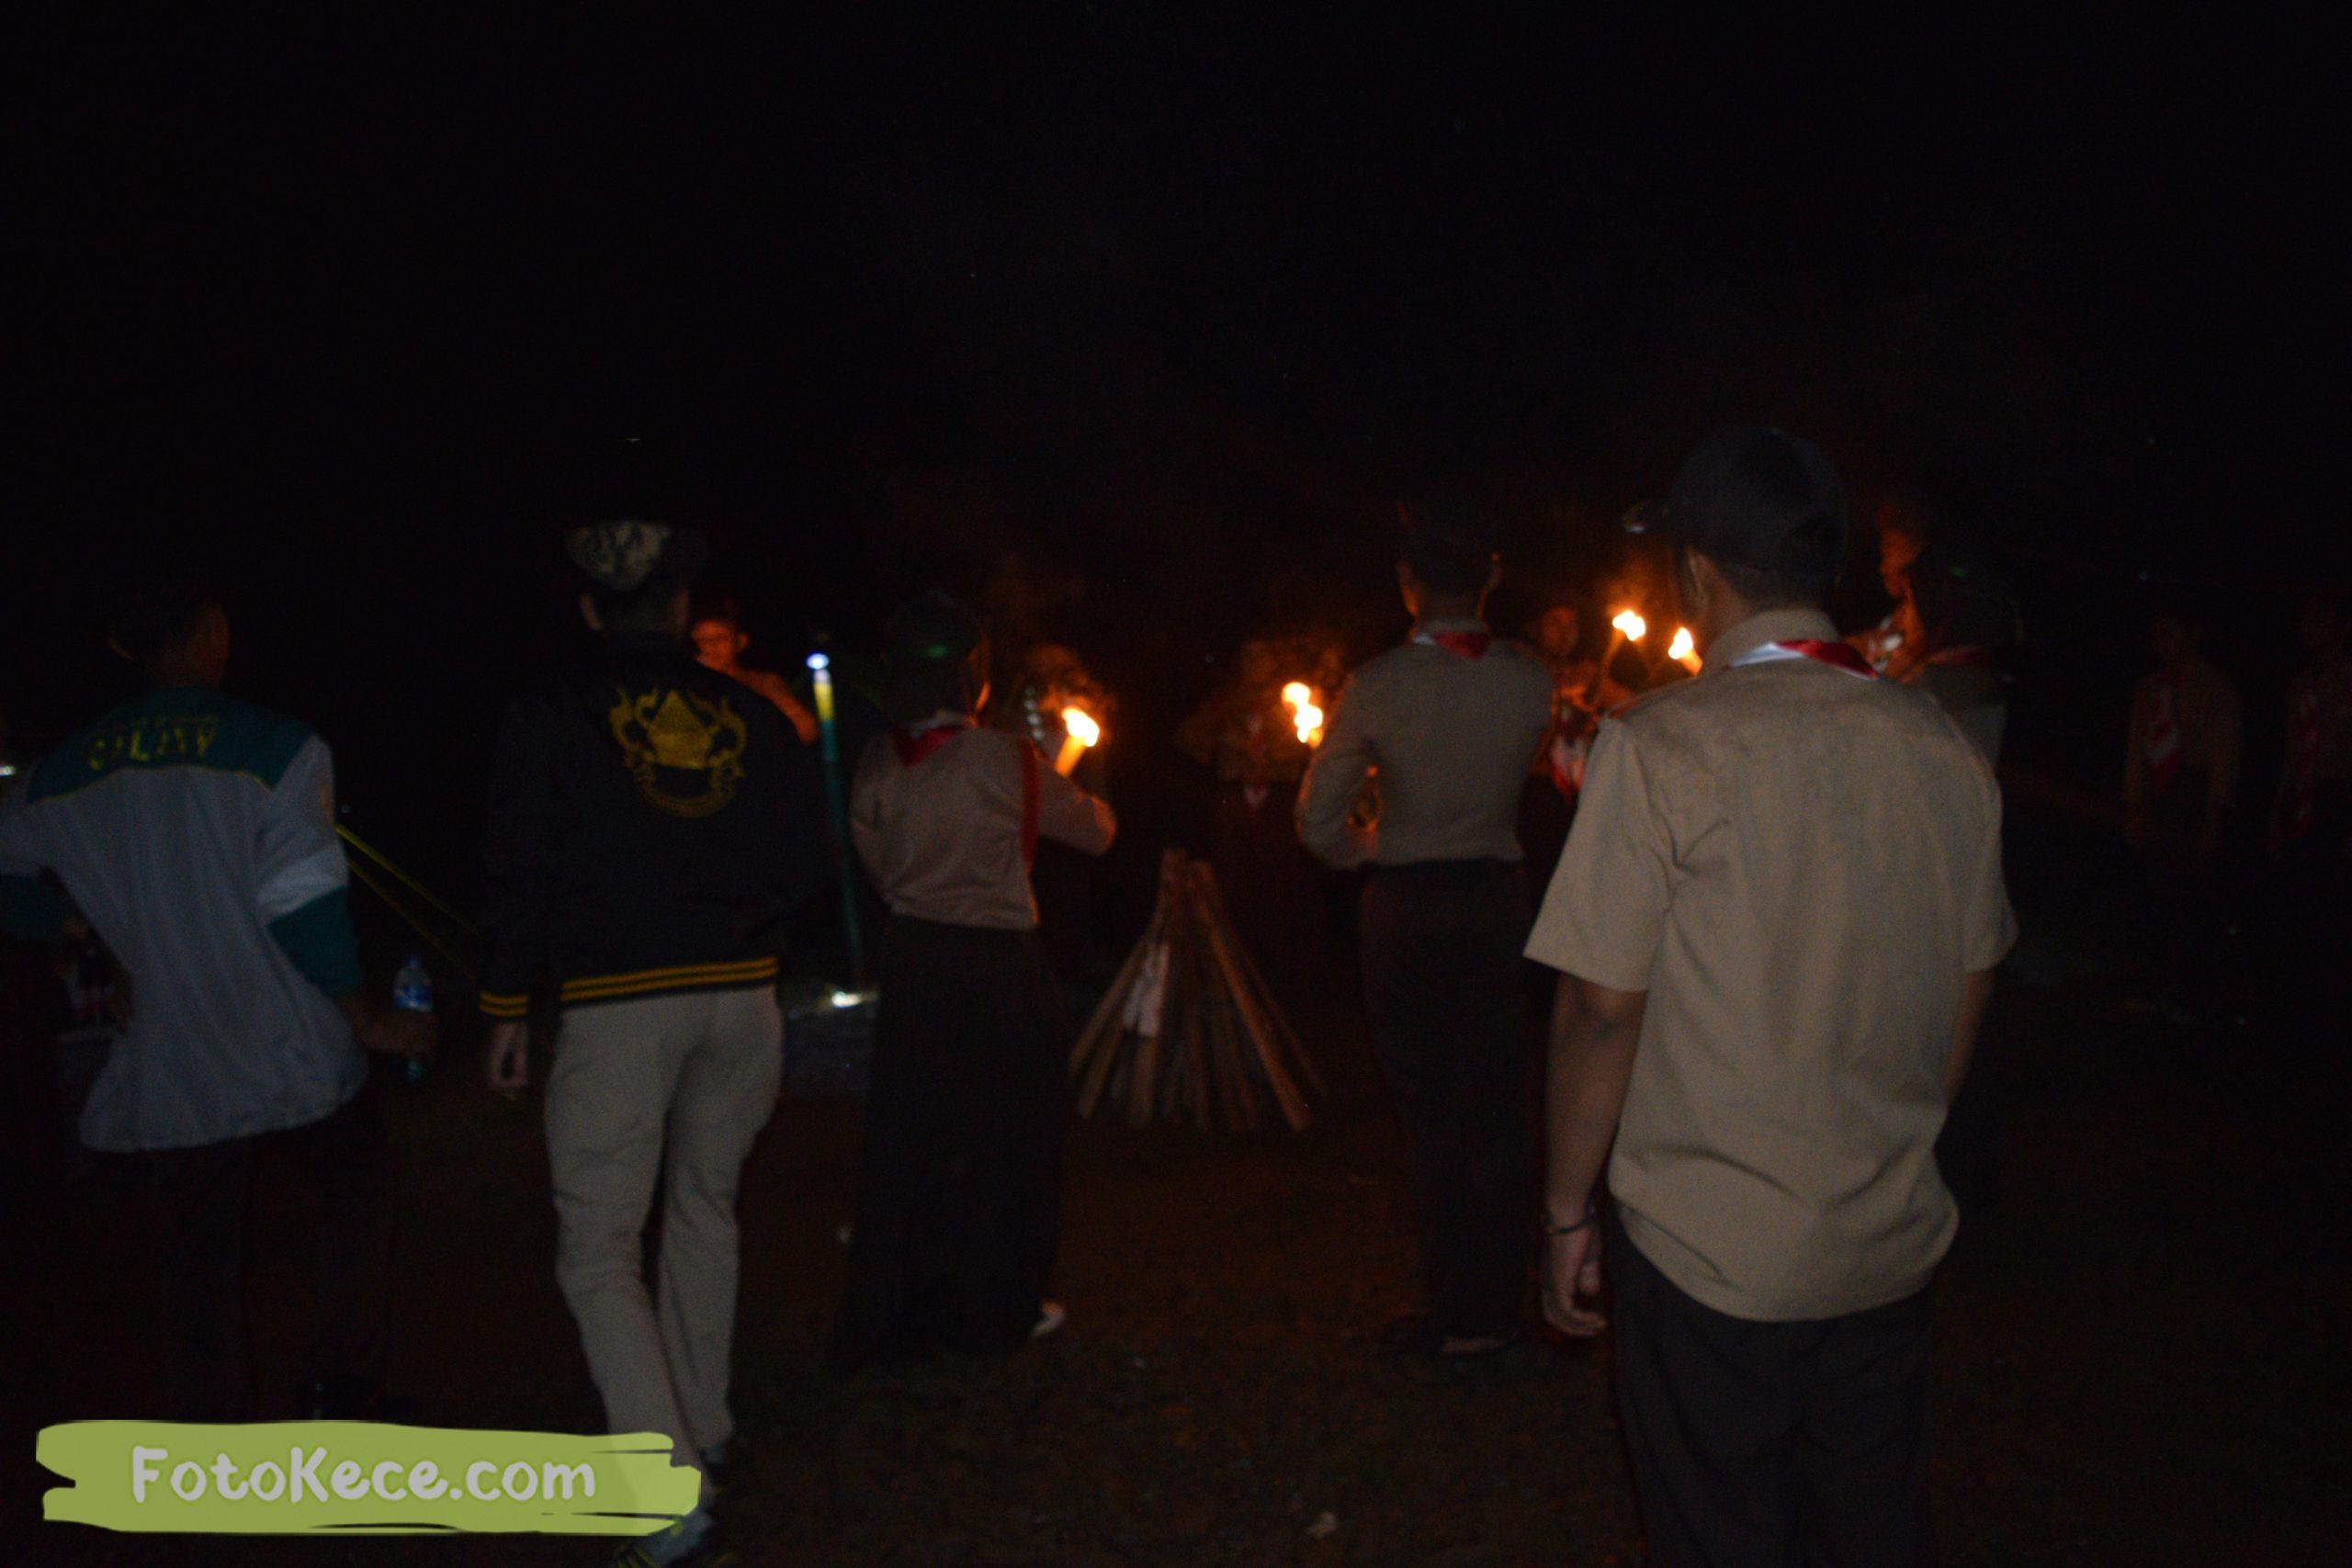 kegiatan sore malam perkemahan narakarya 1 mtsn 2 sukabumi 24 25 januari 2020 pramuka hebat puncak buluh foto kece 59 scaled